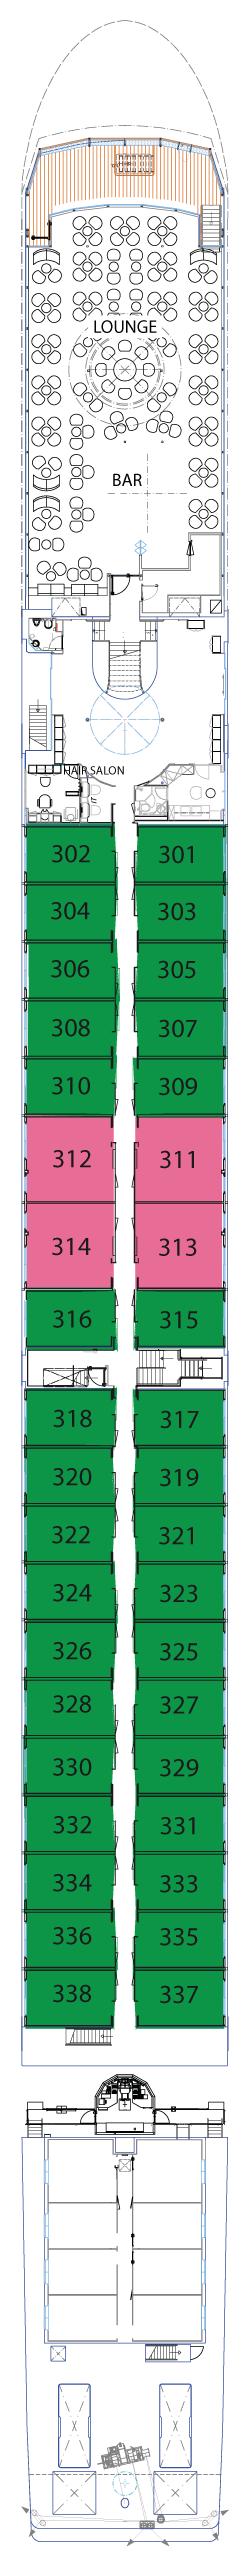 Royal Deck